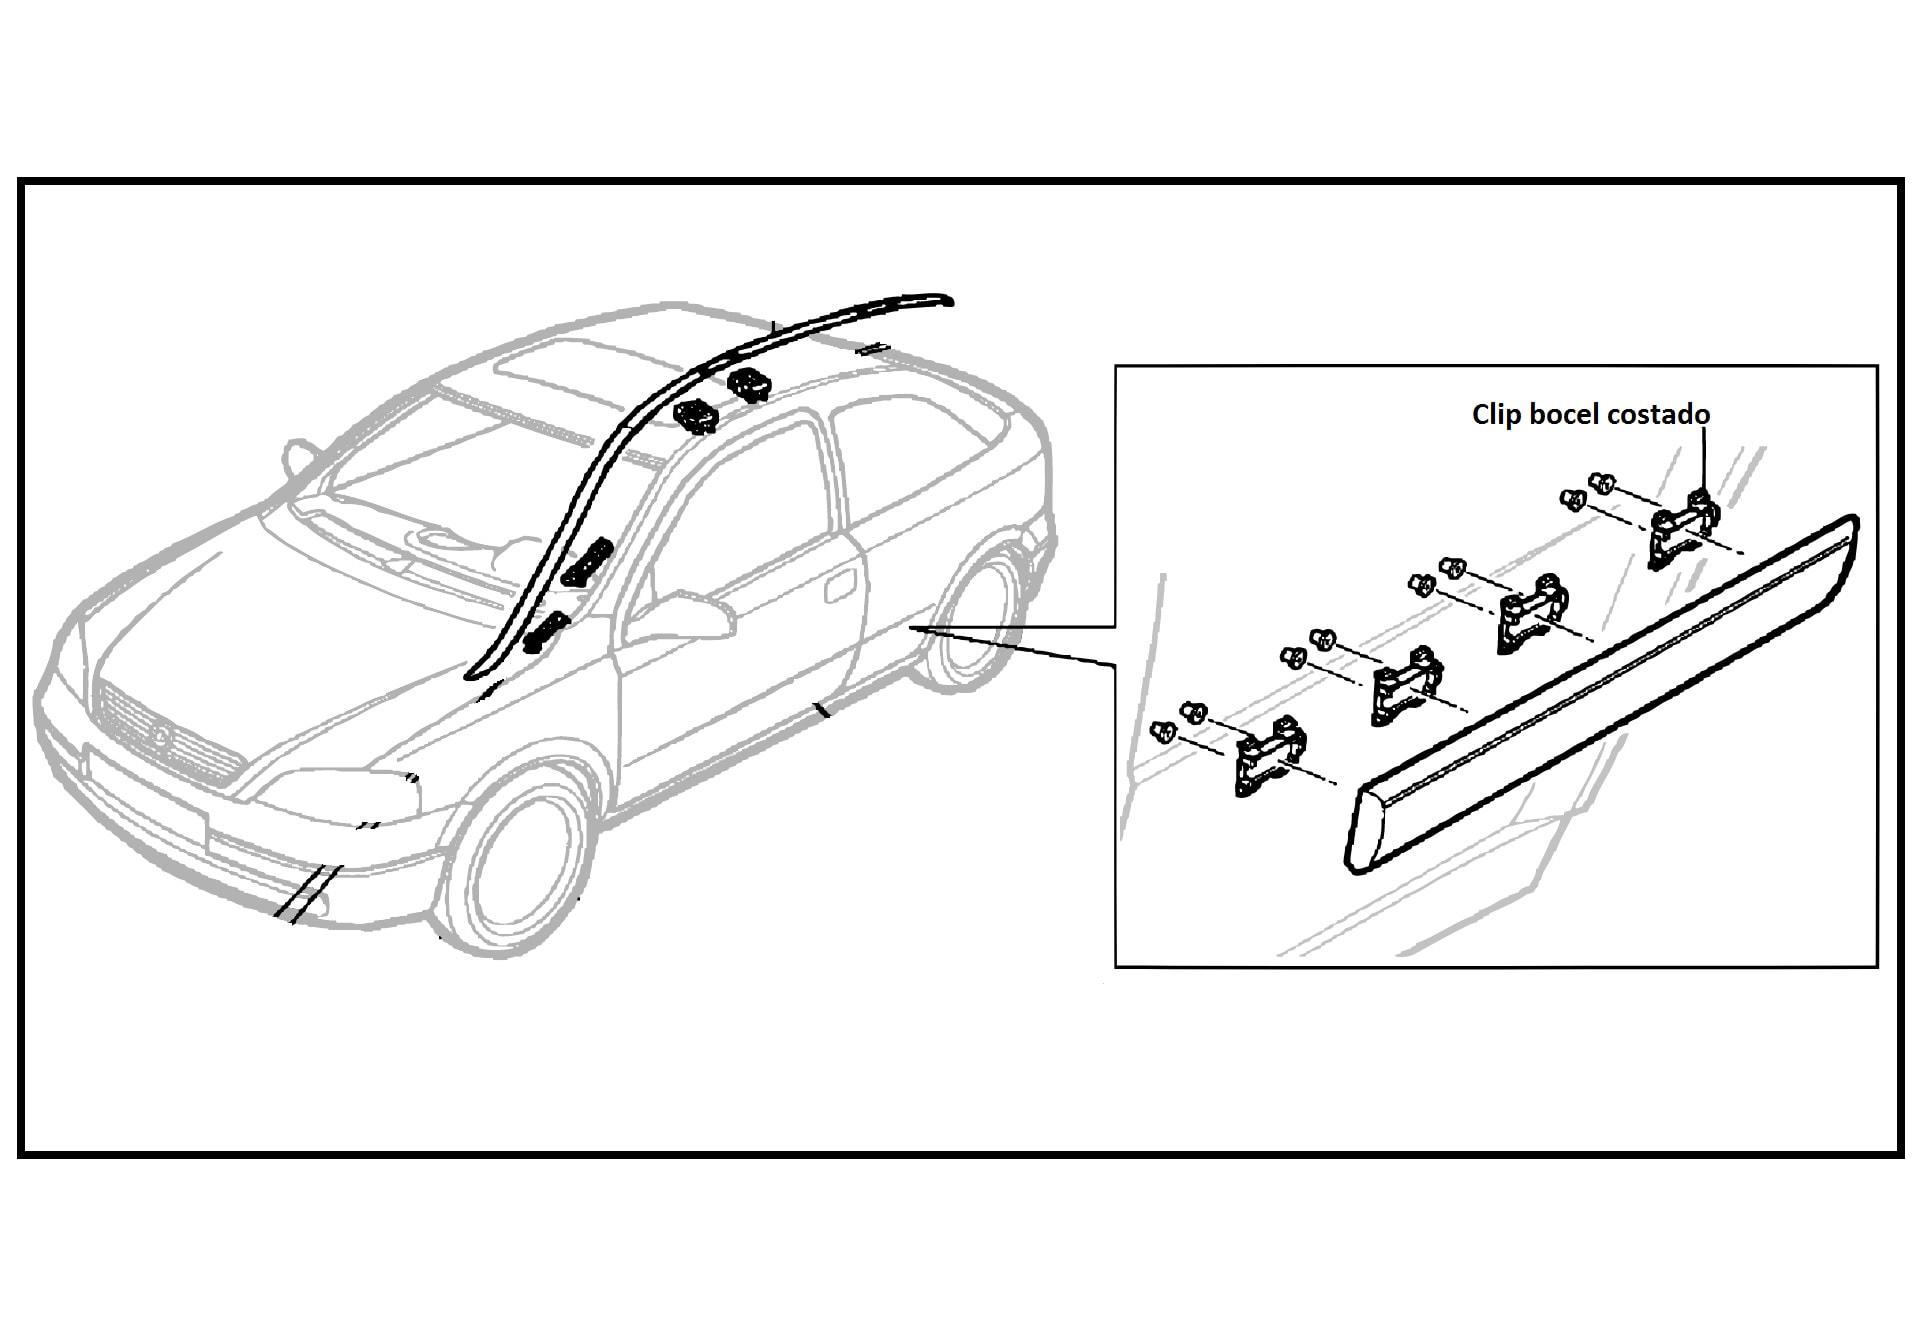 Clip Pin Moldura Bocel Costados Chevrolet Astra 2 Puertas